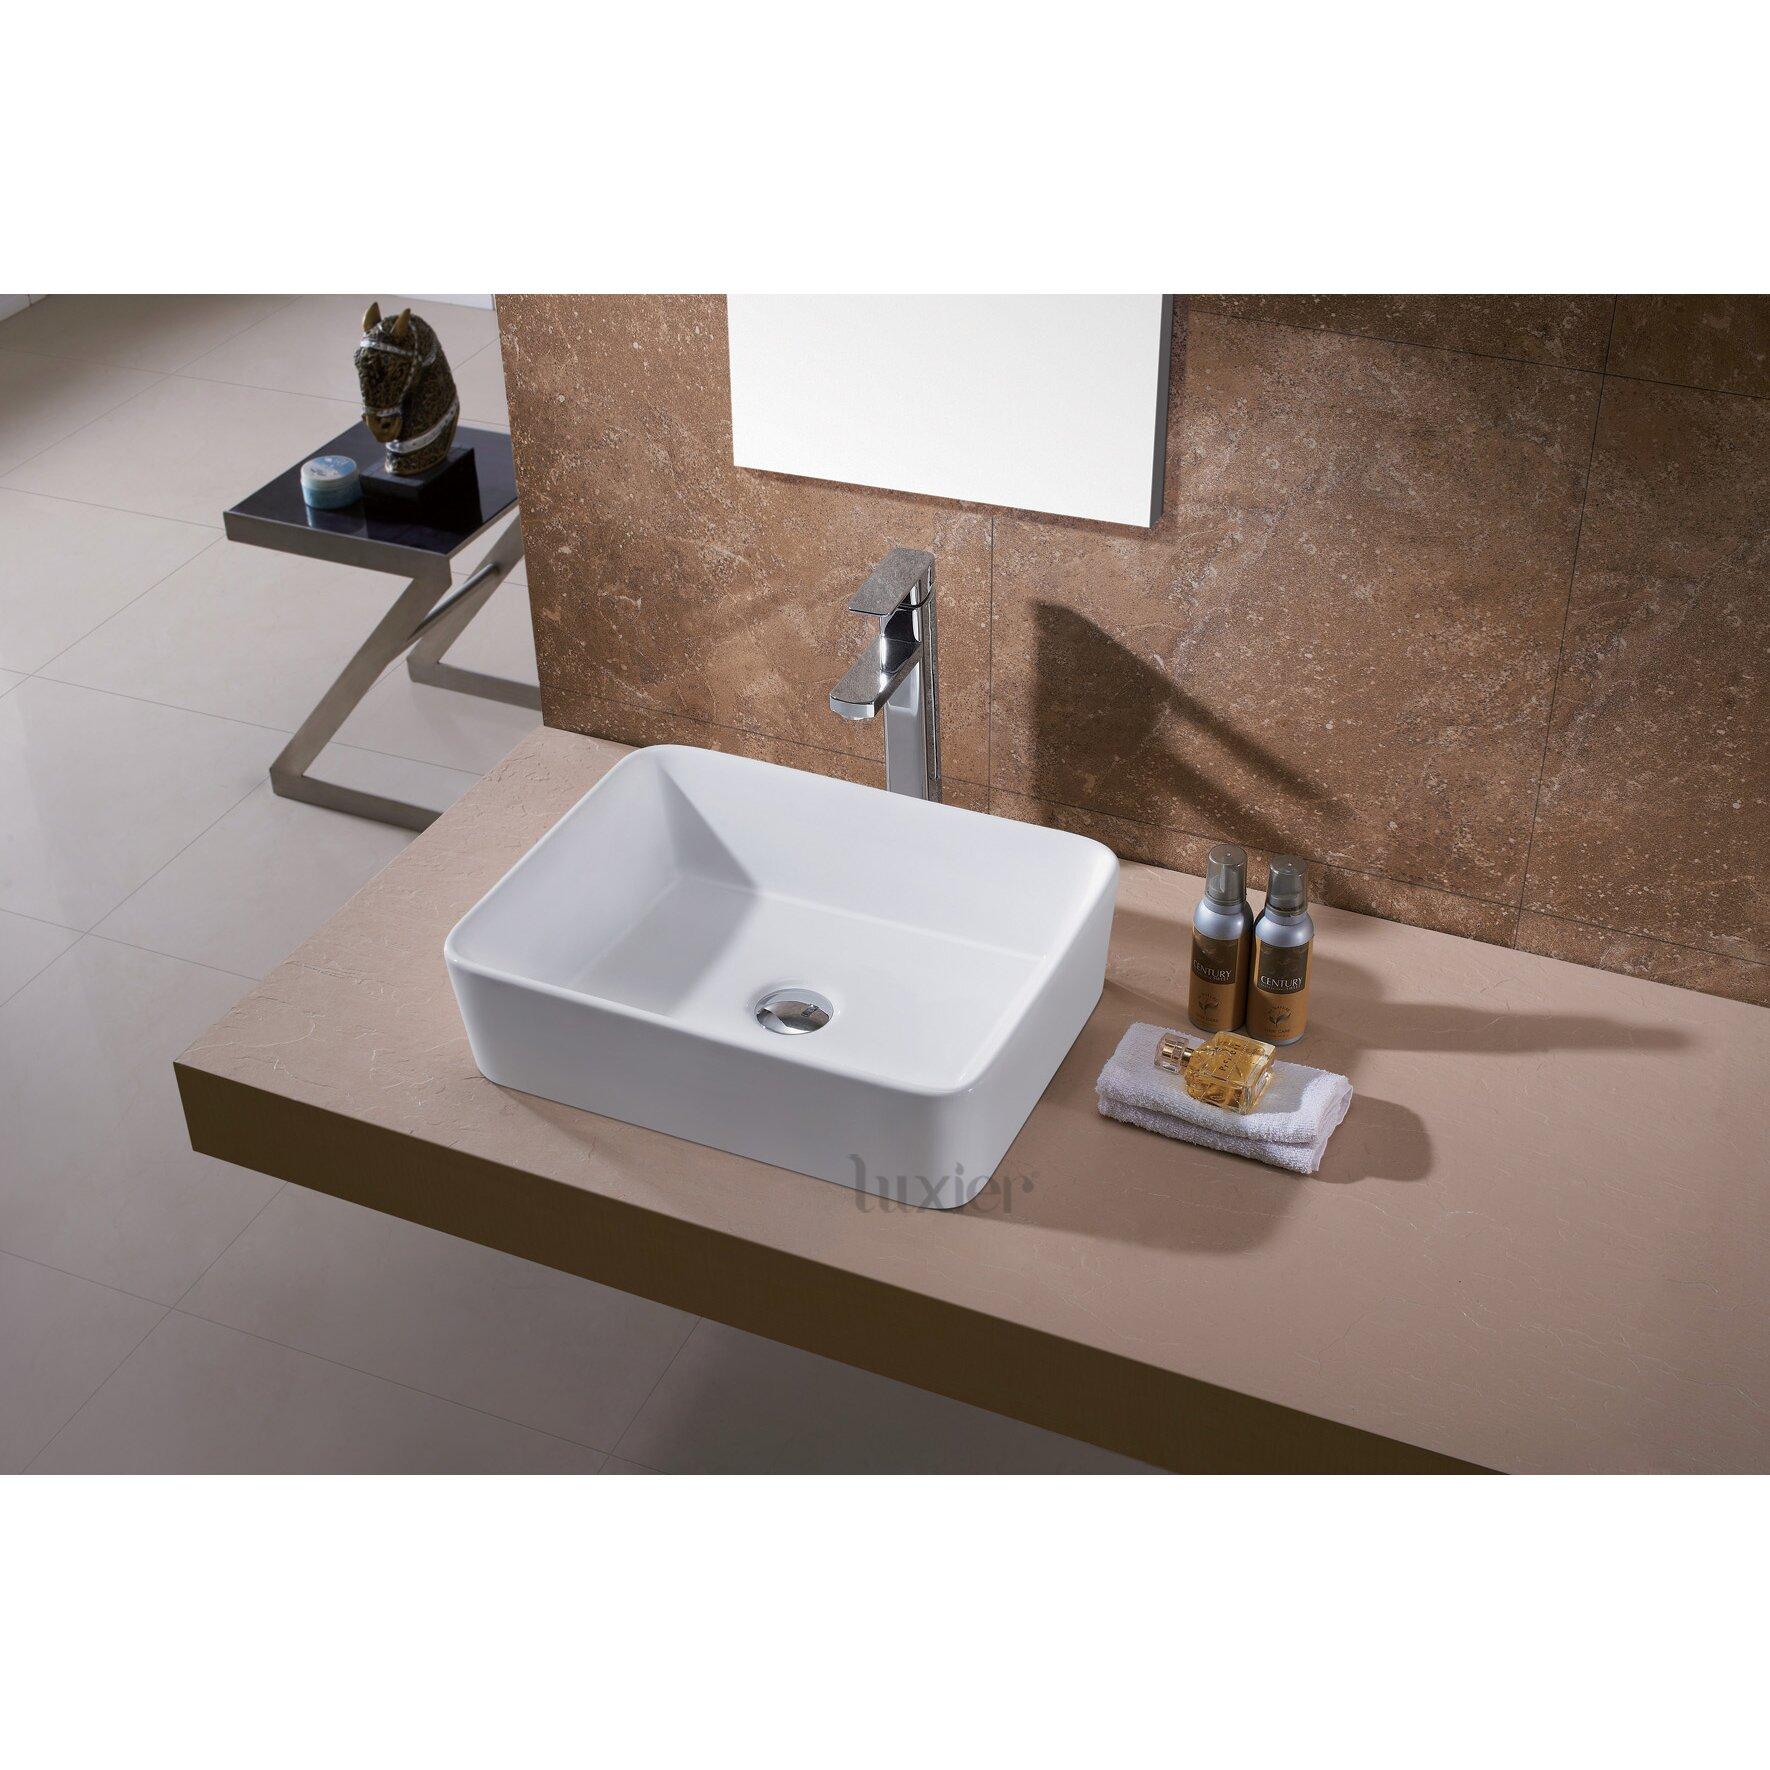 Luxier Ceramic Vessel Bathroom Sink & Reviews